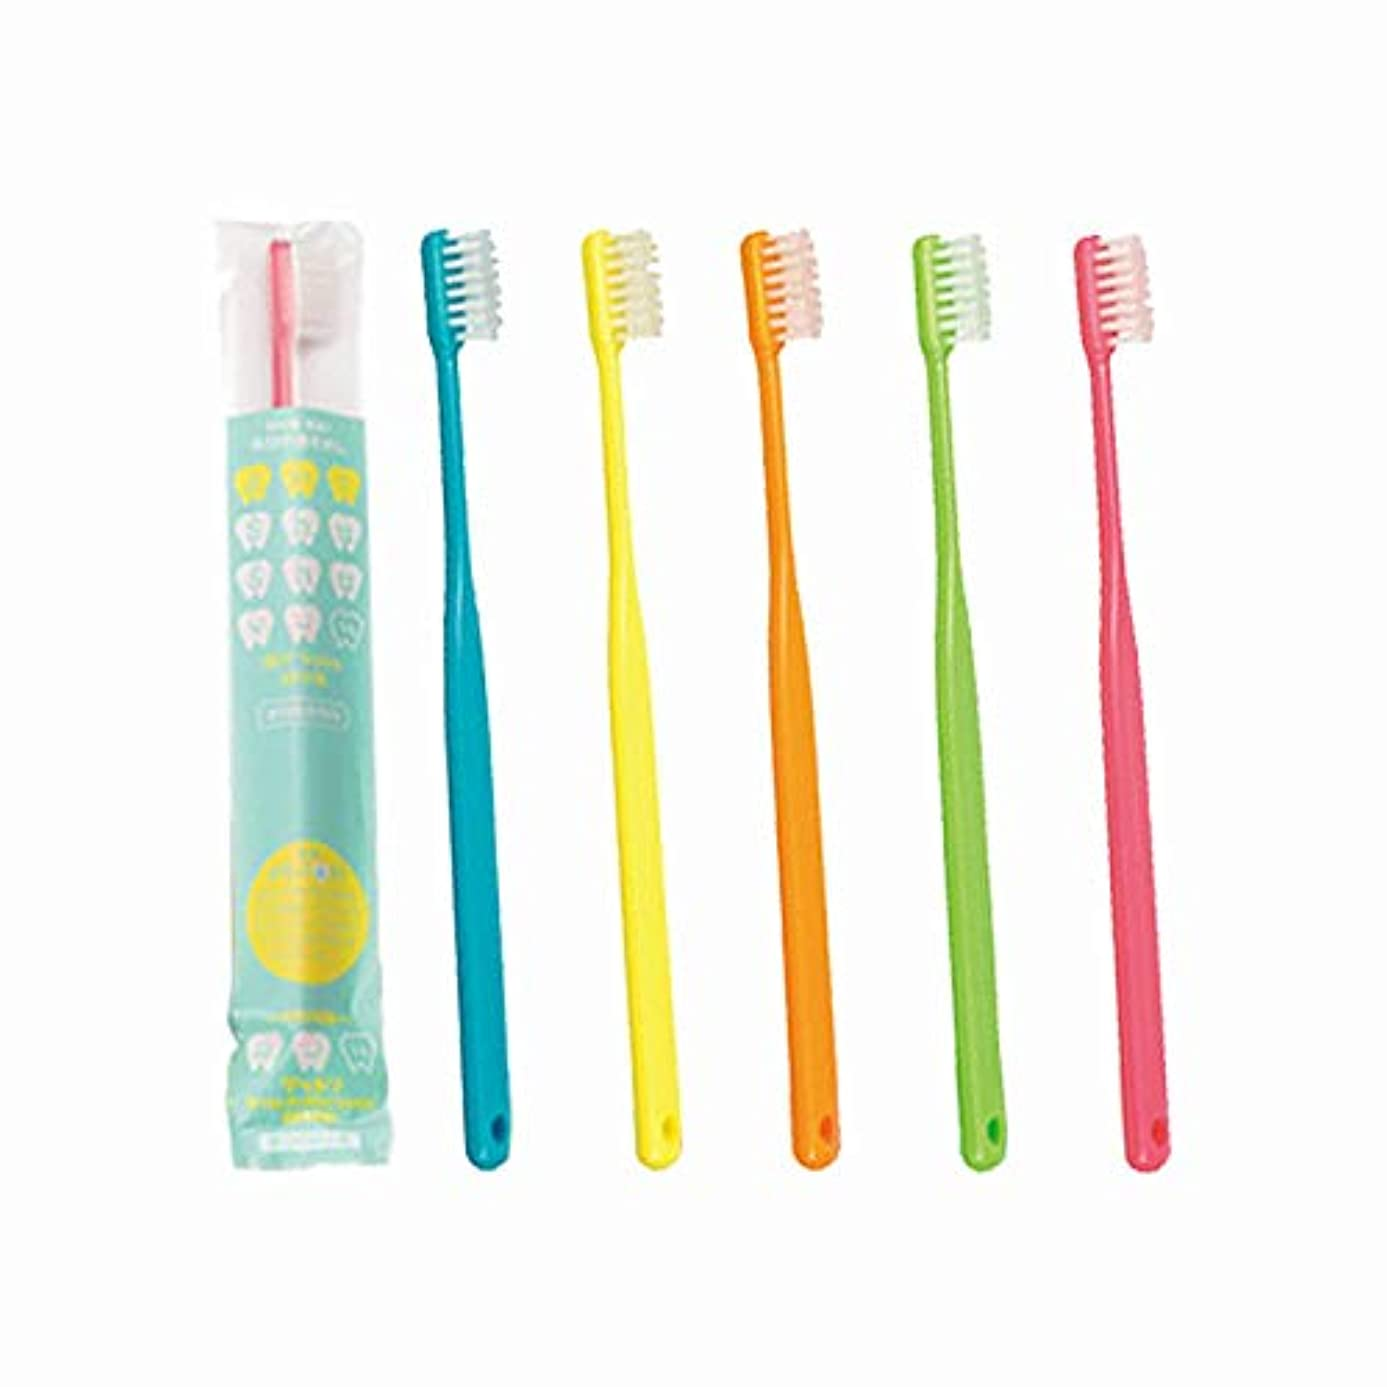 思い出オリエンタル正確に大人用歯ブラシ 歯科専売品 FEED(フィード) 占い!Shu Shu(うらないシュシュ)歯ブラシ×10本 (ふつう(M), 色はおまかせ)